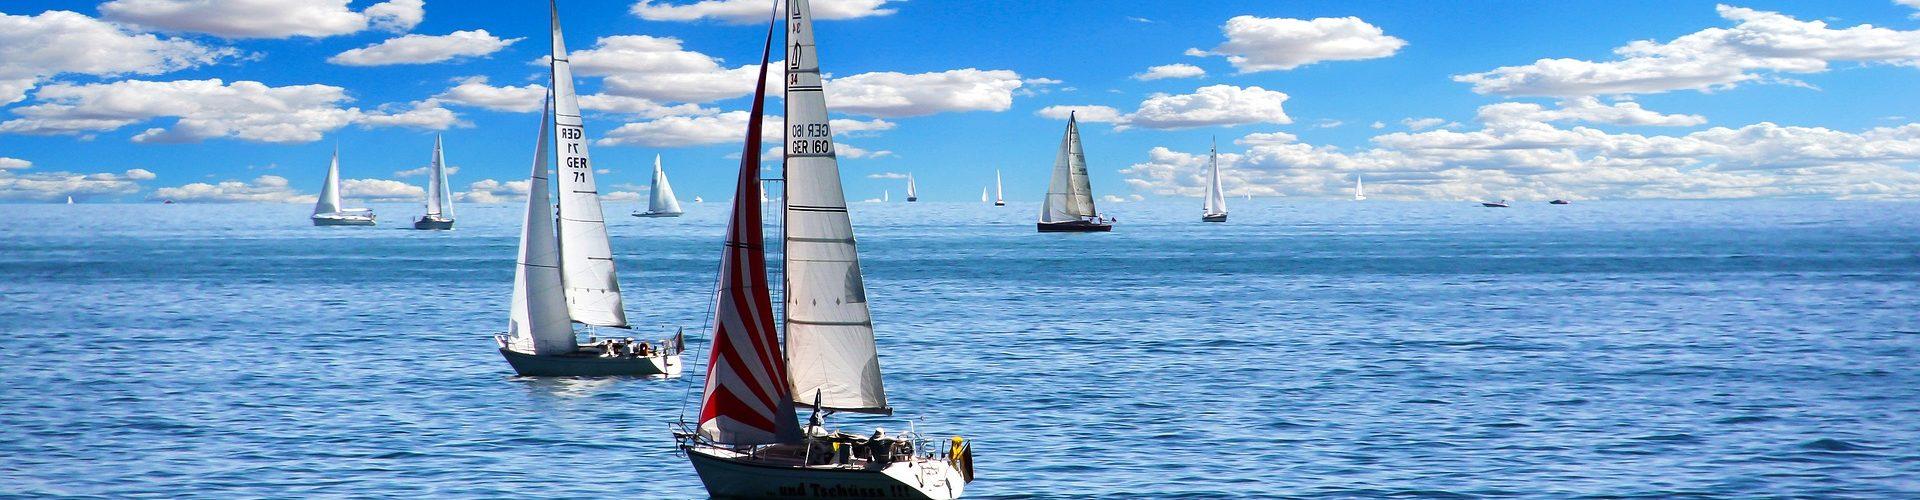 segeln lernen in Bernburg segelschein machen in Bernburg 1920x500 - Segeln lernen in Bernburg